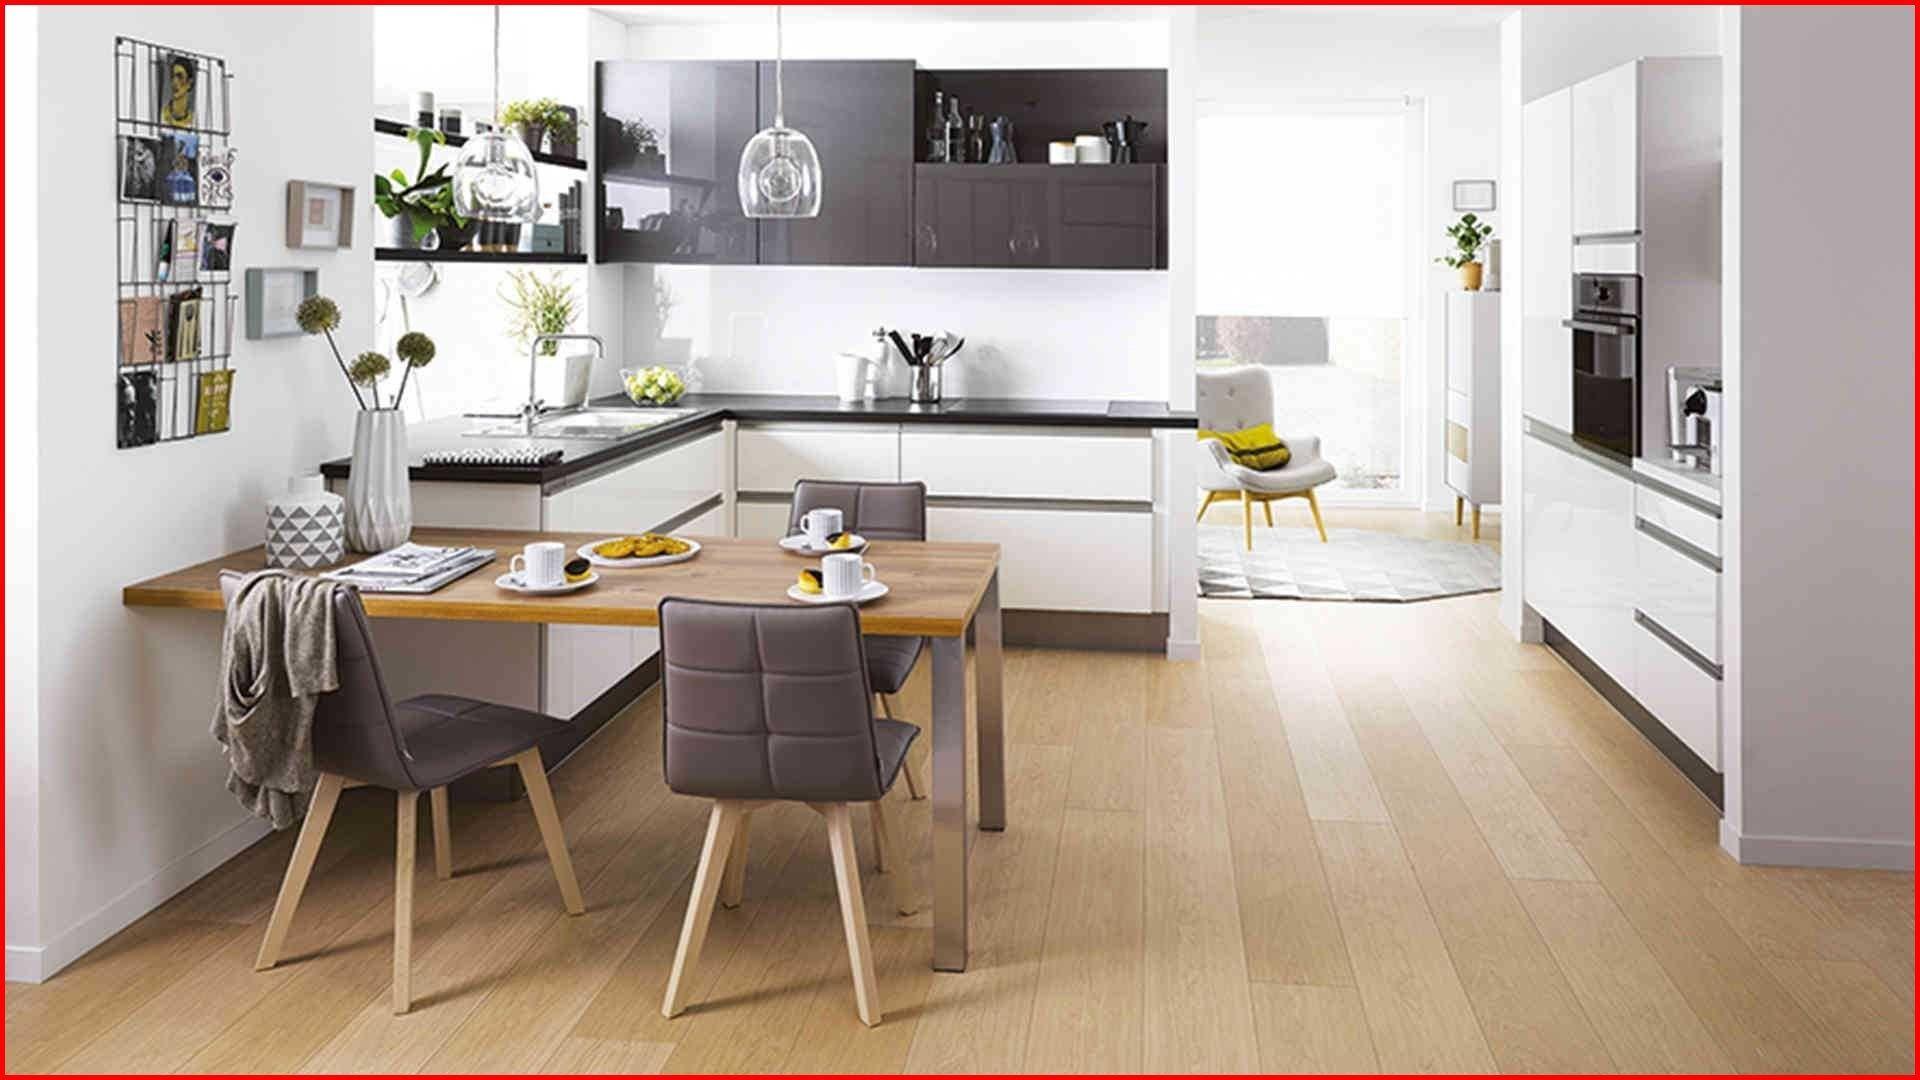 Cuisine am nag e avec table int gr e cuisine ouverte ilot galerie d co en 2019 meuble - Table ilot de cuisine ...